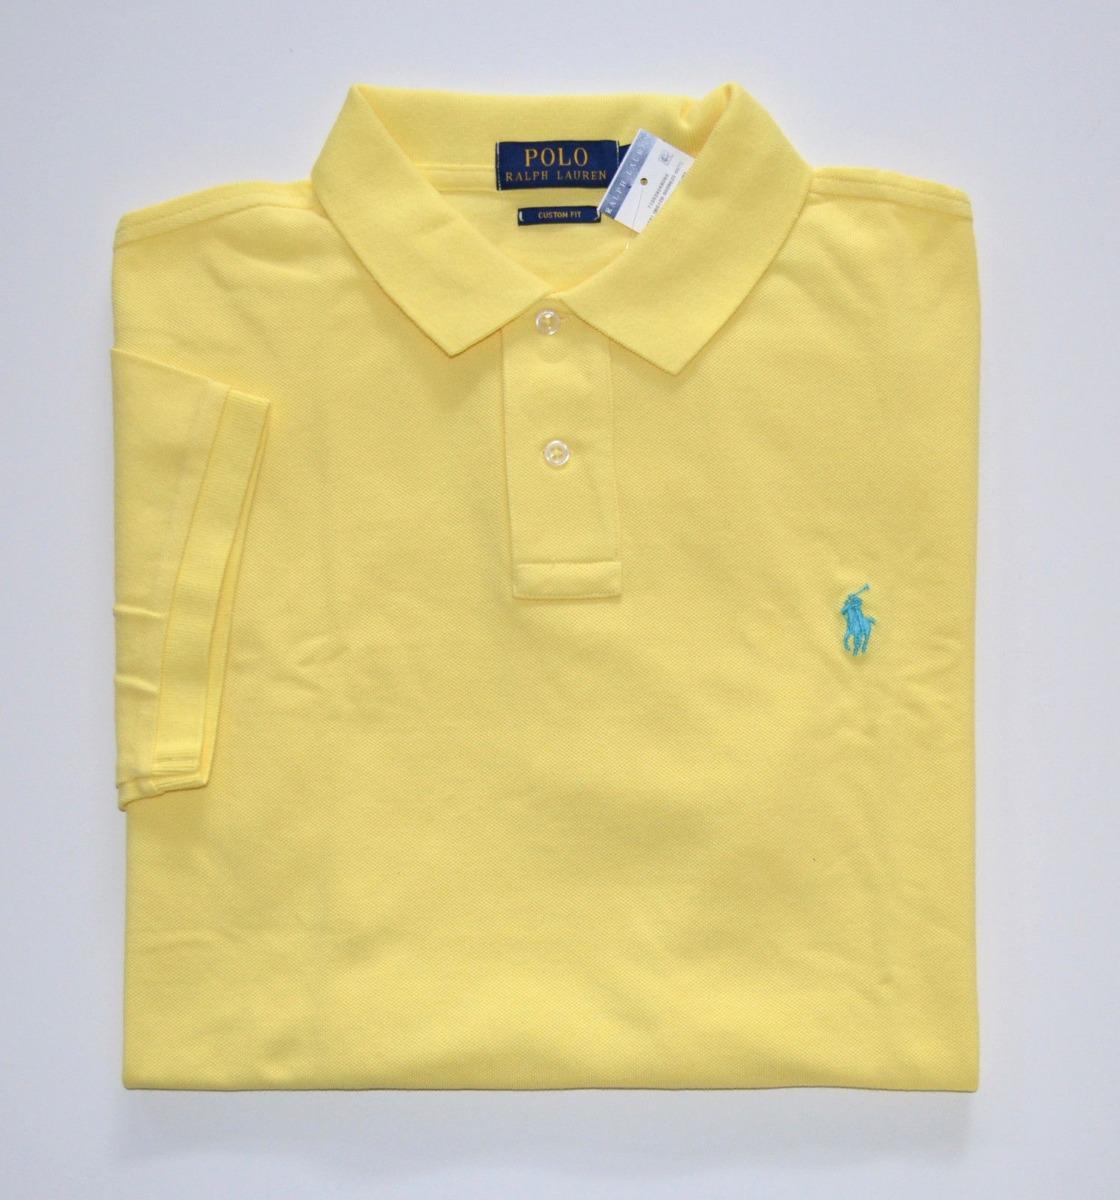 e652b80dac camisa polo ralph lauren tamanho gg xl original custom fit. Carregando zoom.